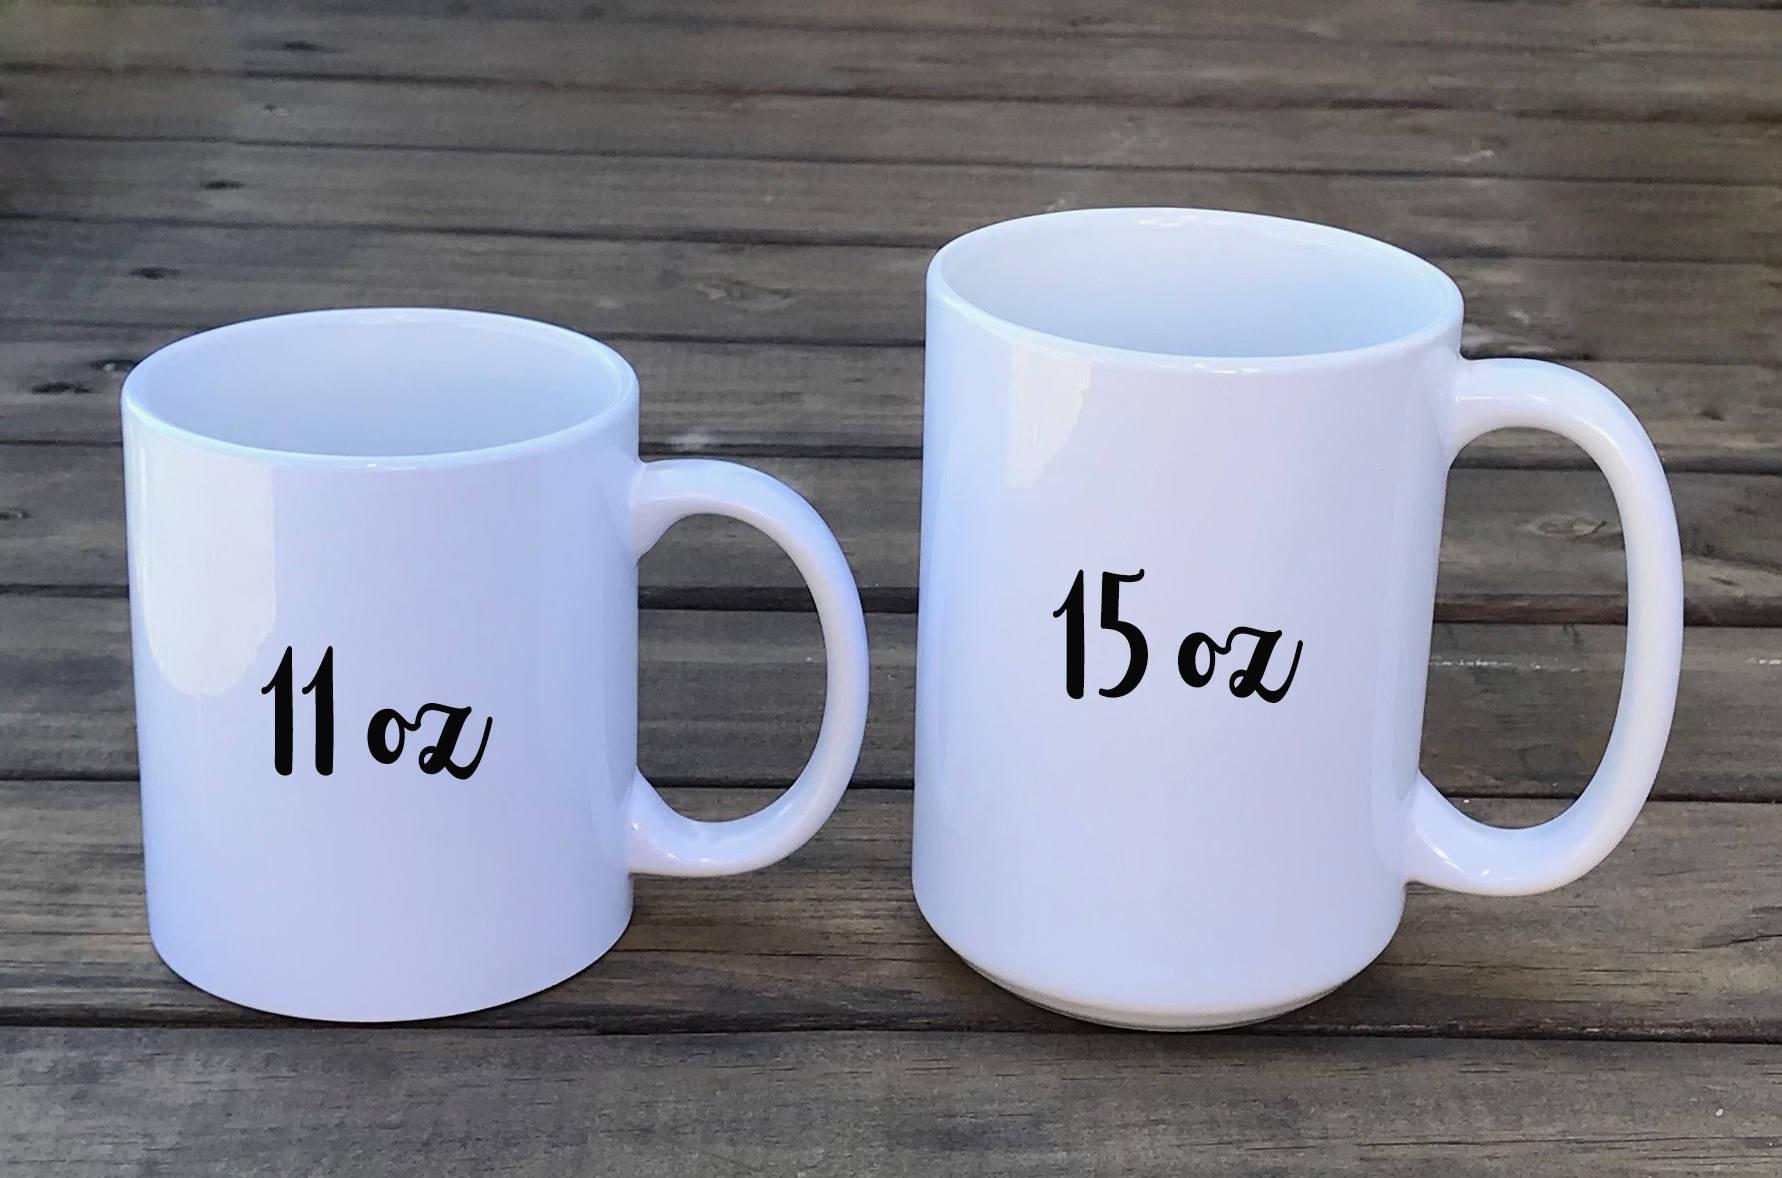 Gift Mug Sizes